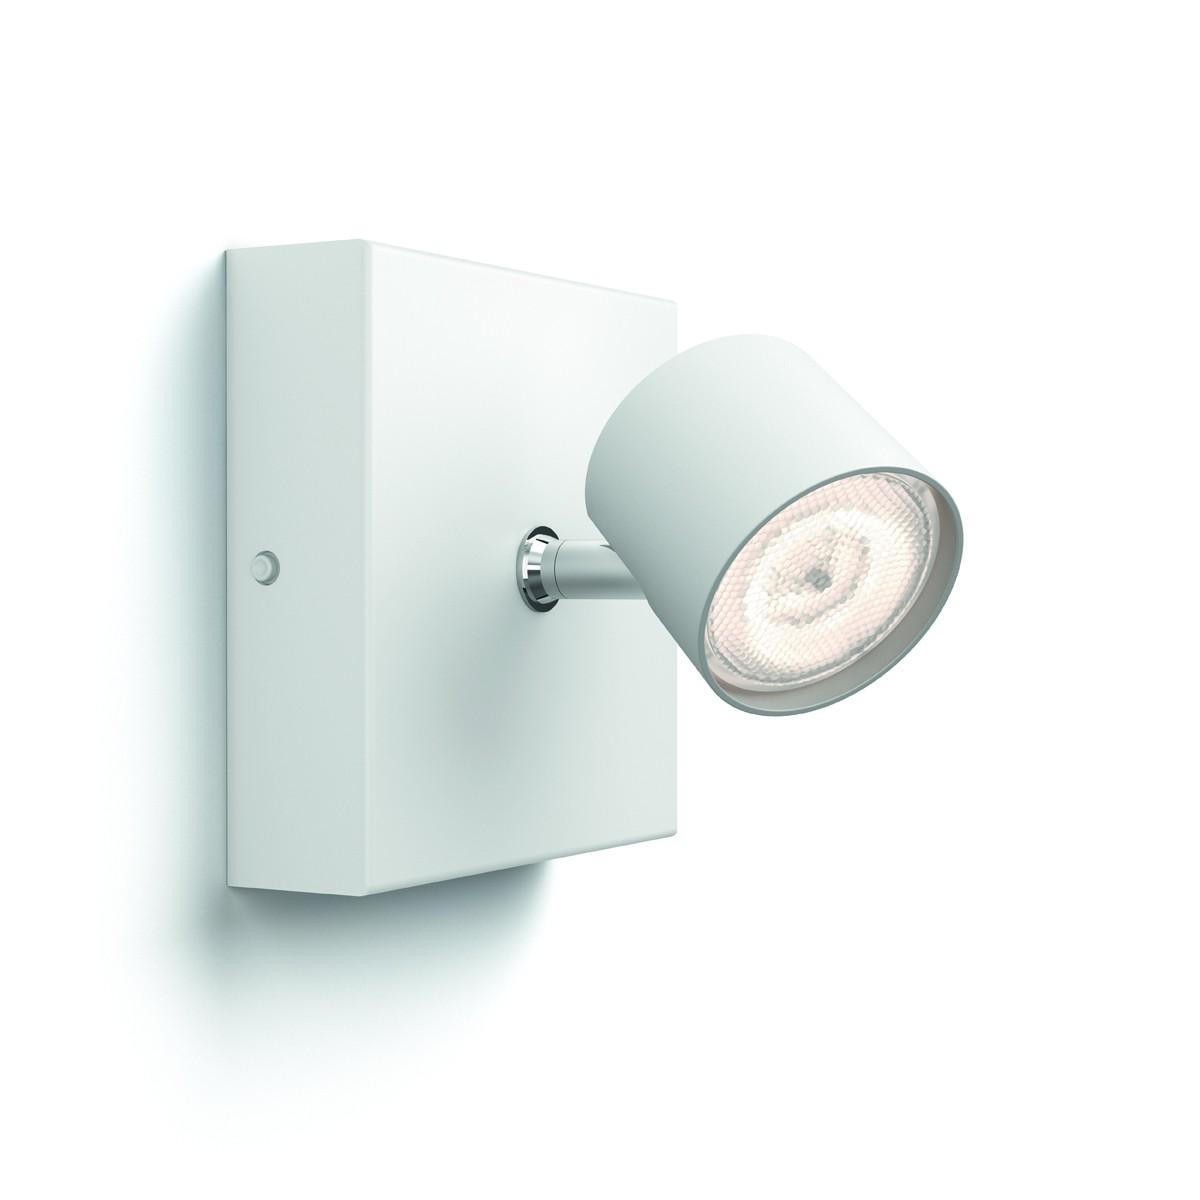 LED nástěnné bodové svítidlo Philips Massive Star Warmglow 56240/31/P0 - 1x4.5W - bílá